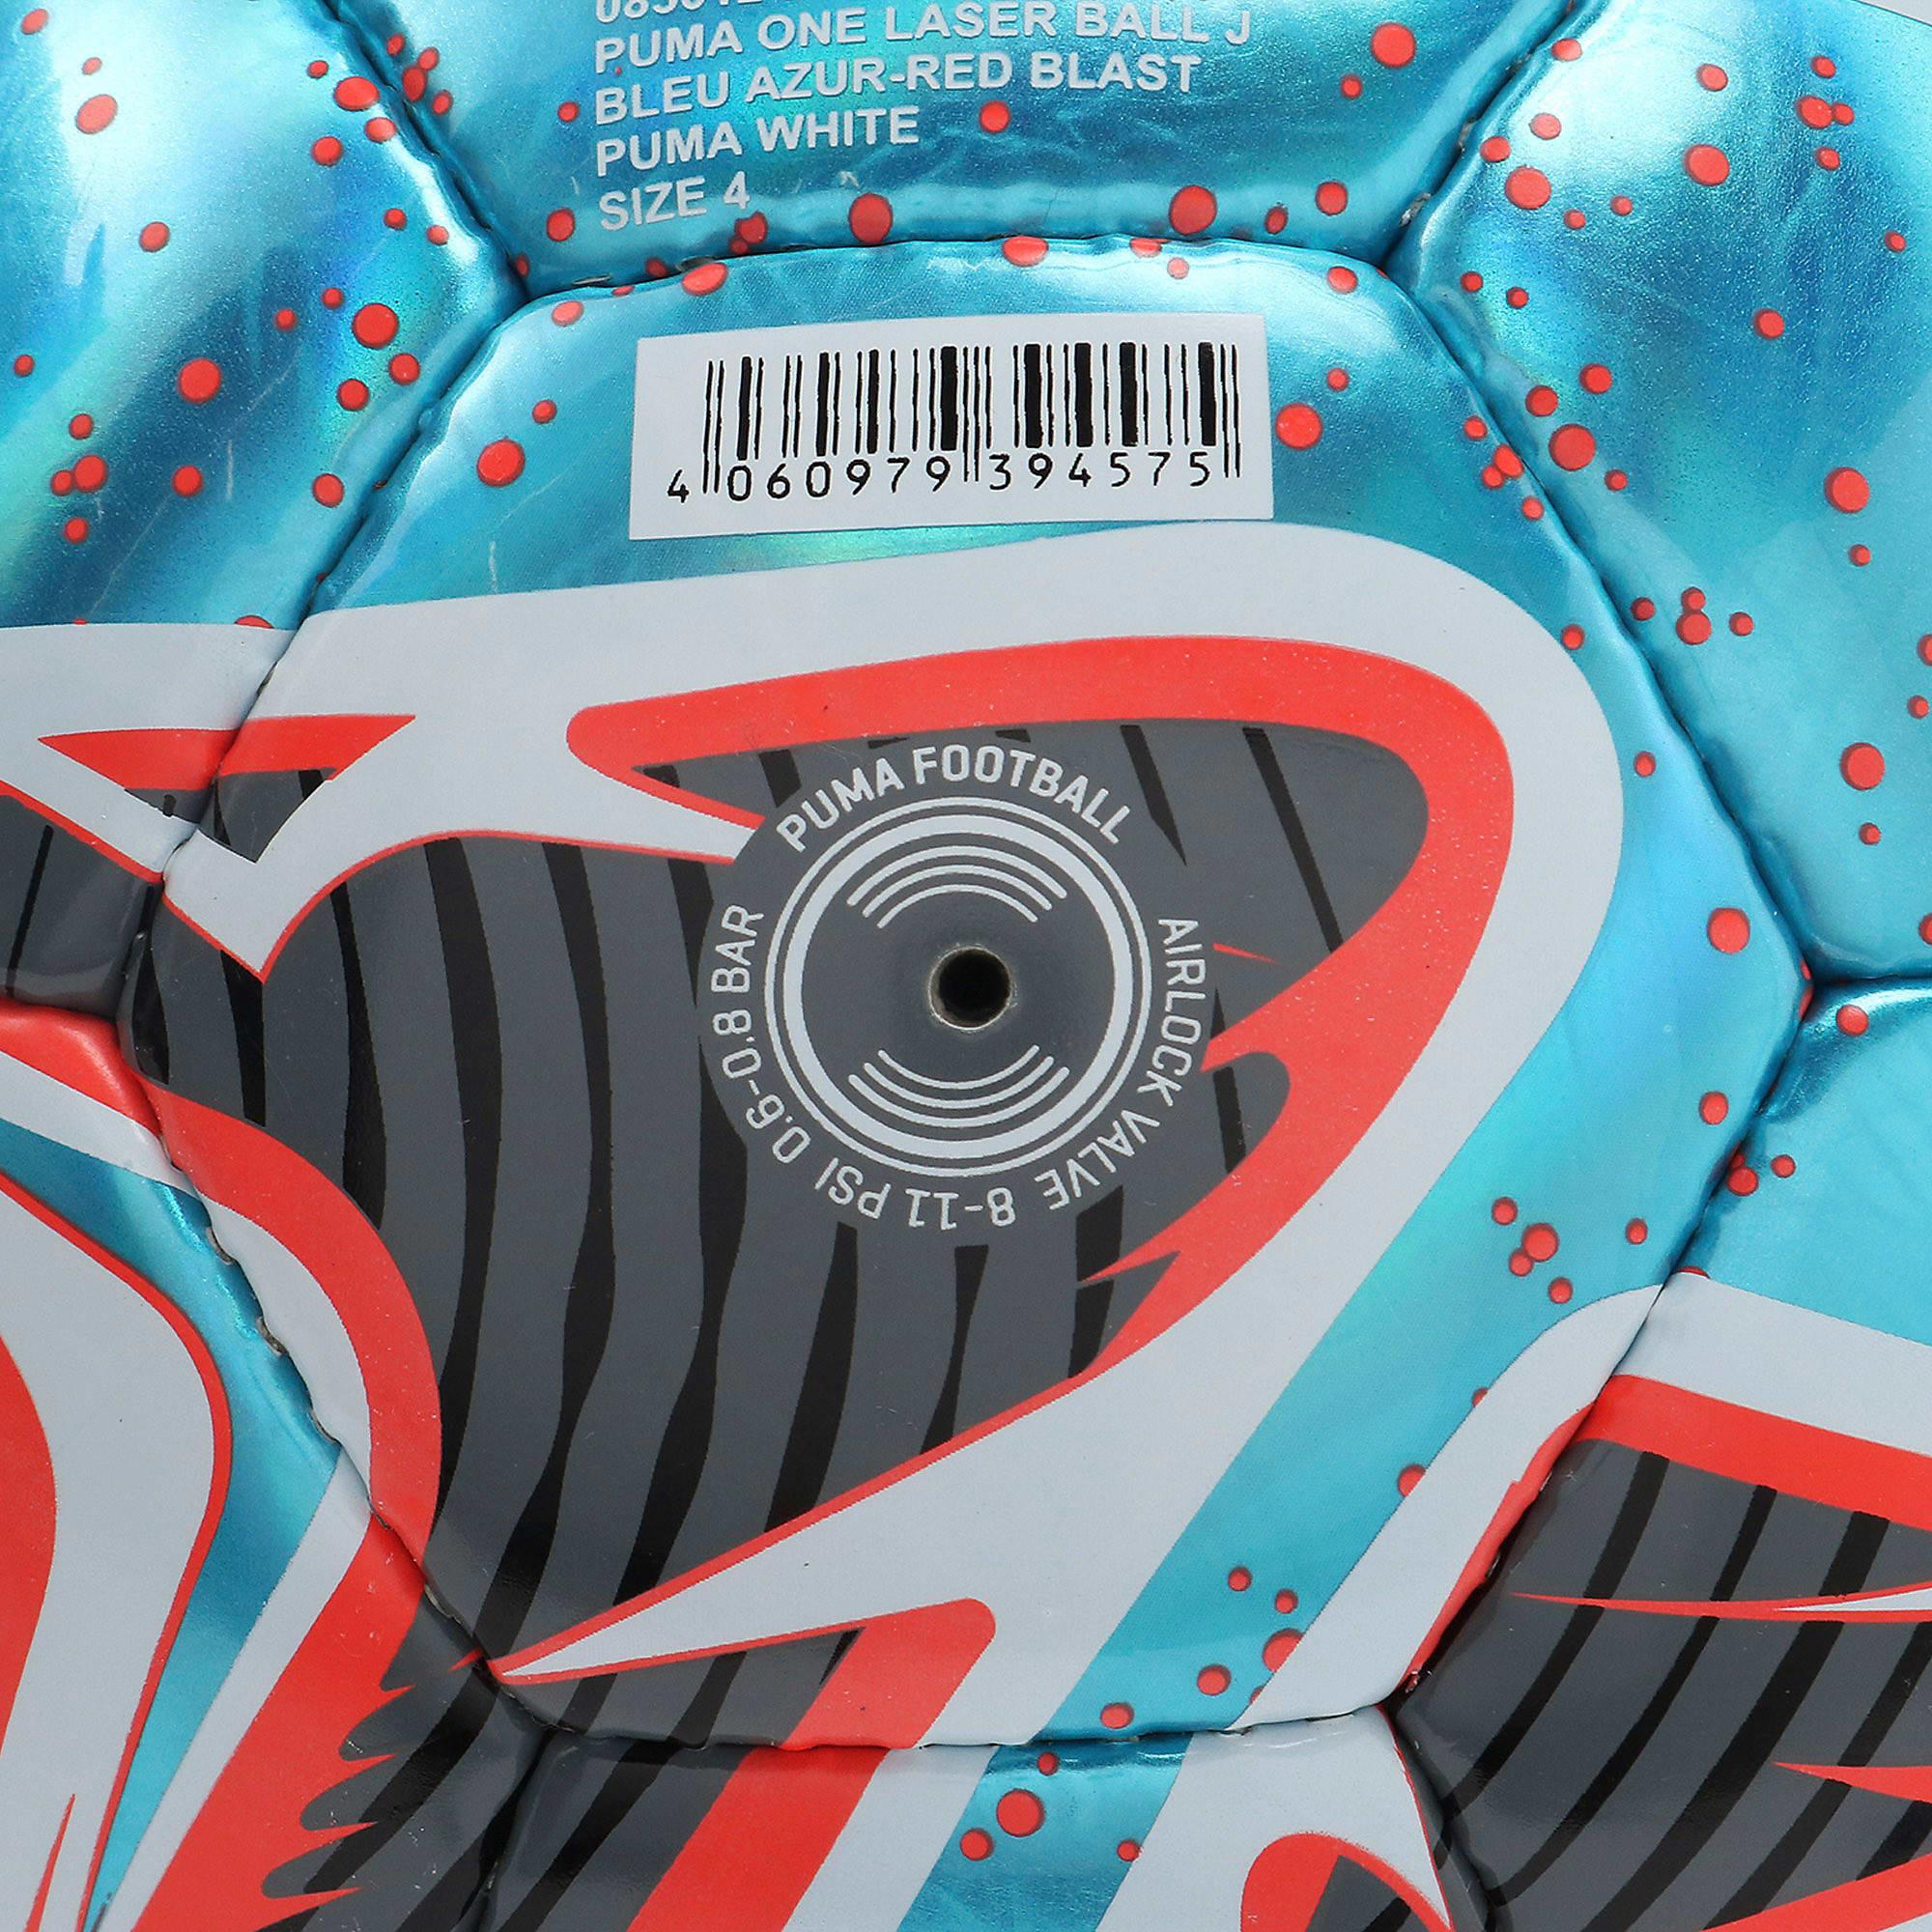 Thumbnail 7 of プーマ ワン レーザー サッカー ボール J, Bleu Azur-Red Blast-White, medium-JPN